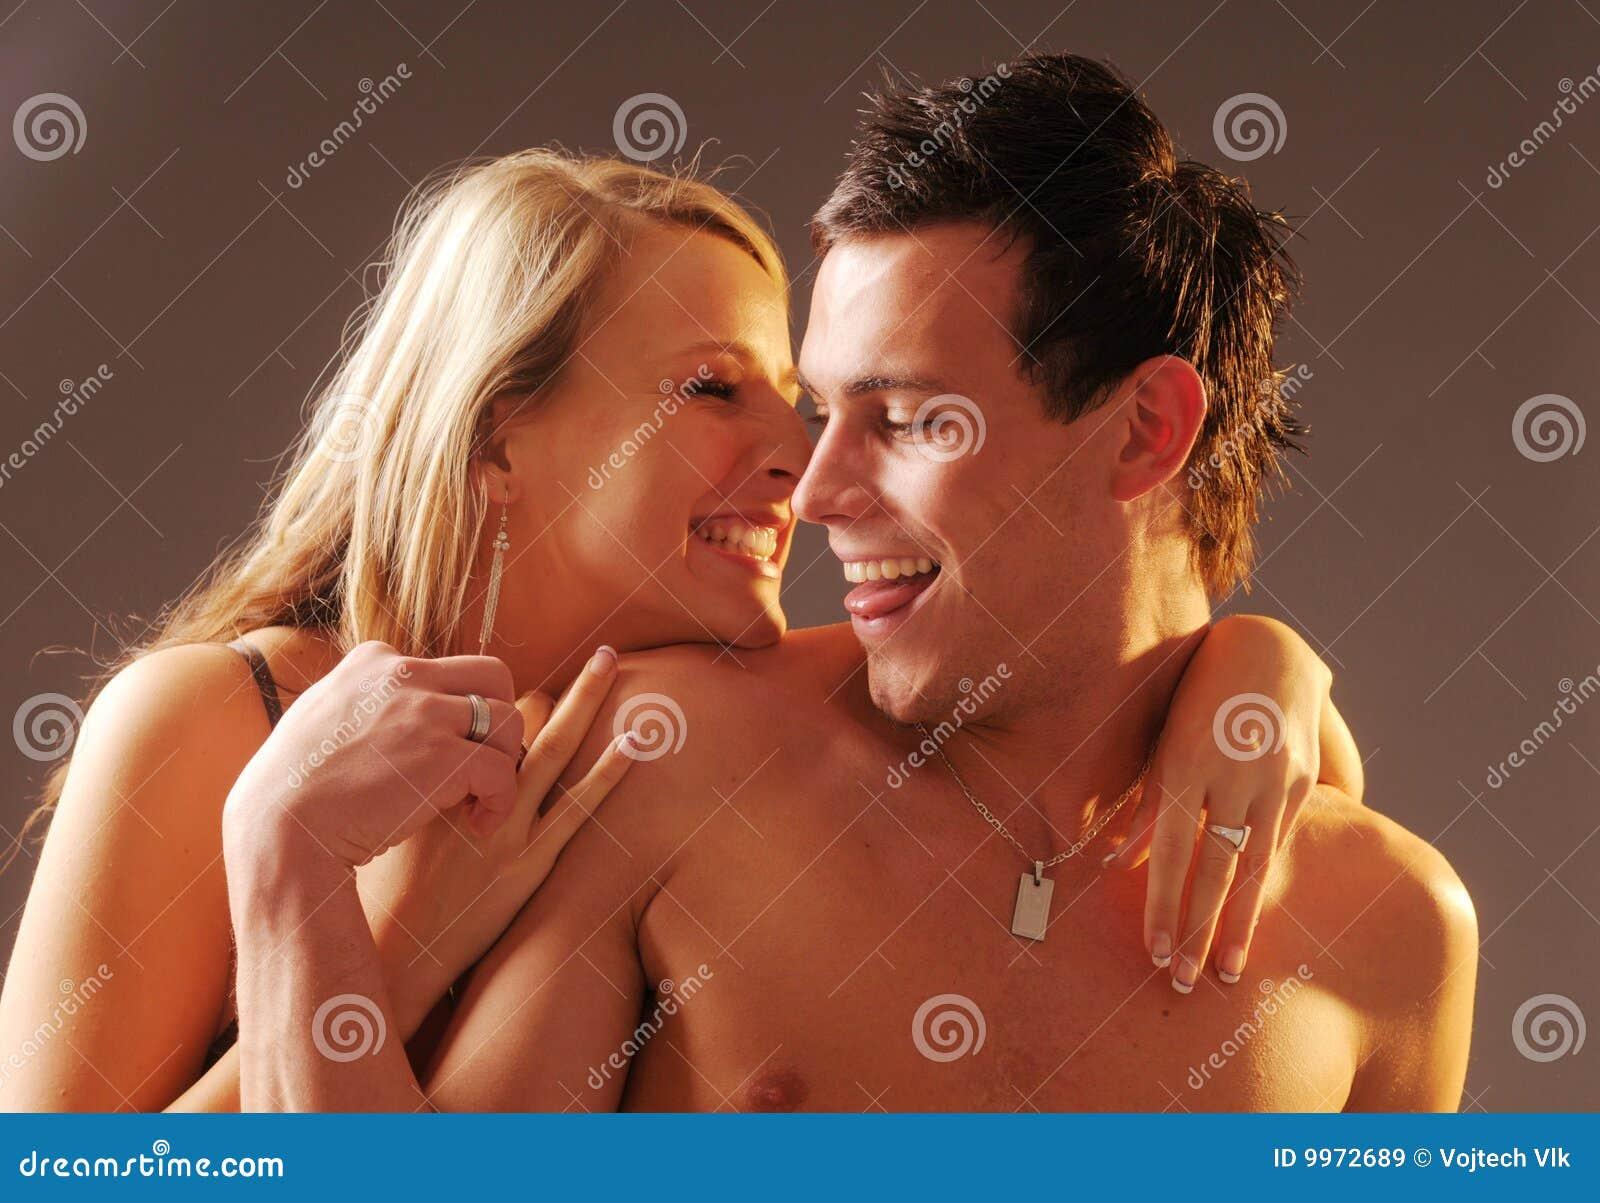 порно лесби подруга совращает подругу